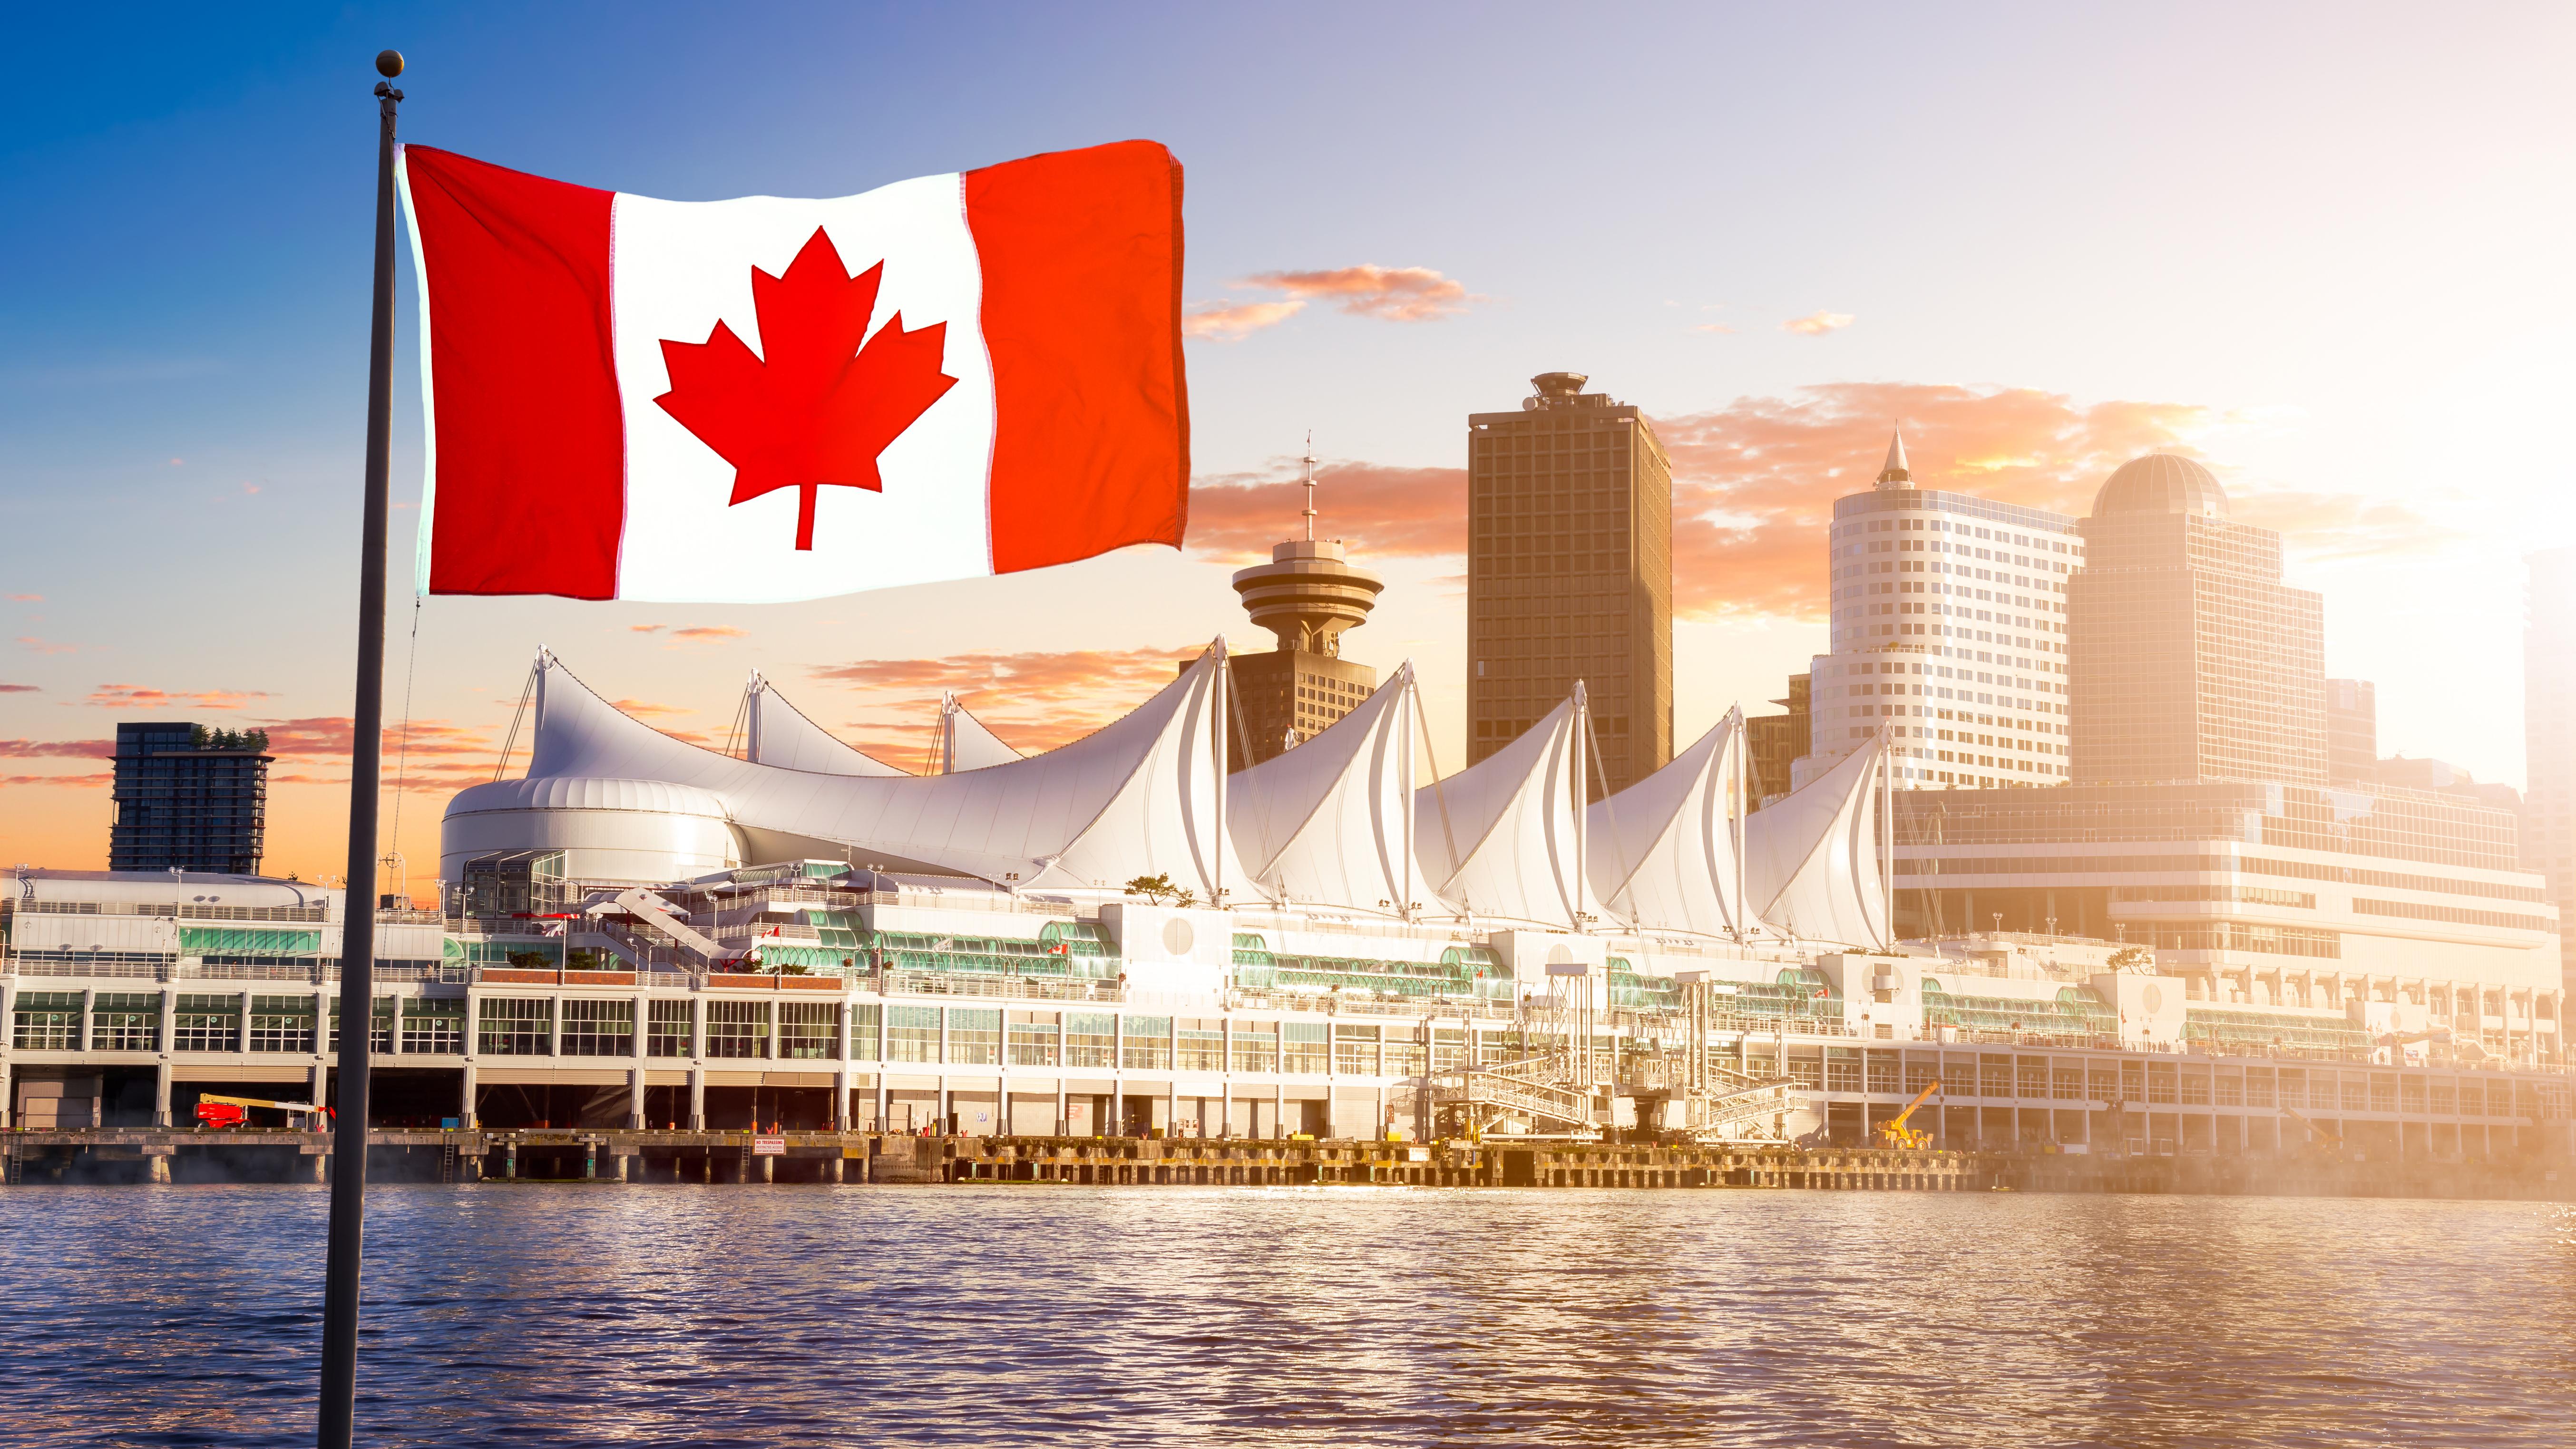 ПМЖ в Канаде для владельцев бизнеса в провинции Онтарио